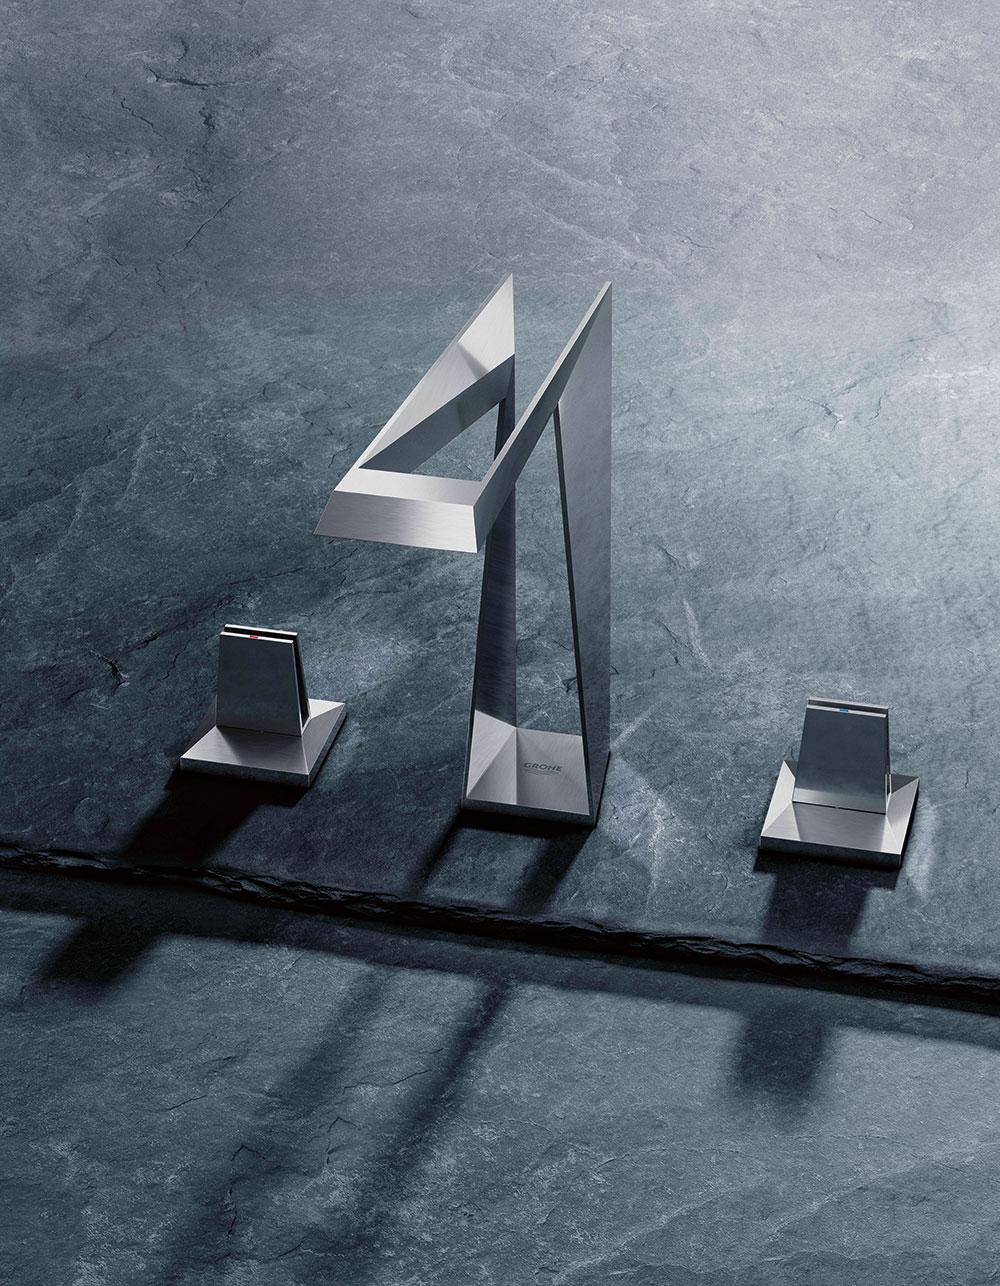 Společnost Grohe představila kolekci baterií Icon 3D vyrobených zkovu pomocí 3D tisku. Tento způsob výroby umožňuje vytvořit téměř jakýkoli geometrický tvar, atak nabízí baterie Allure Brilliant zcela nový zážitek zvody. www.grohe.com FOTO GROHE